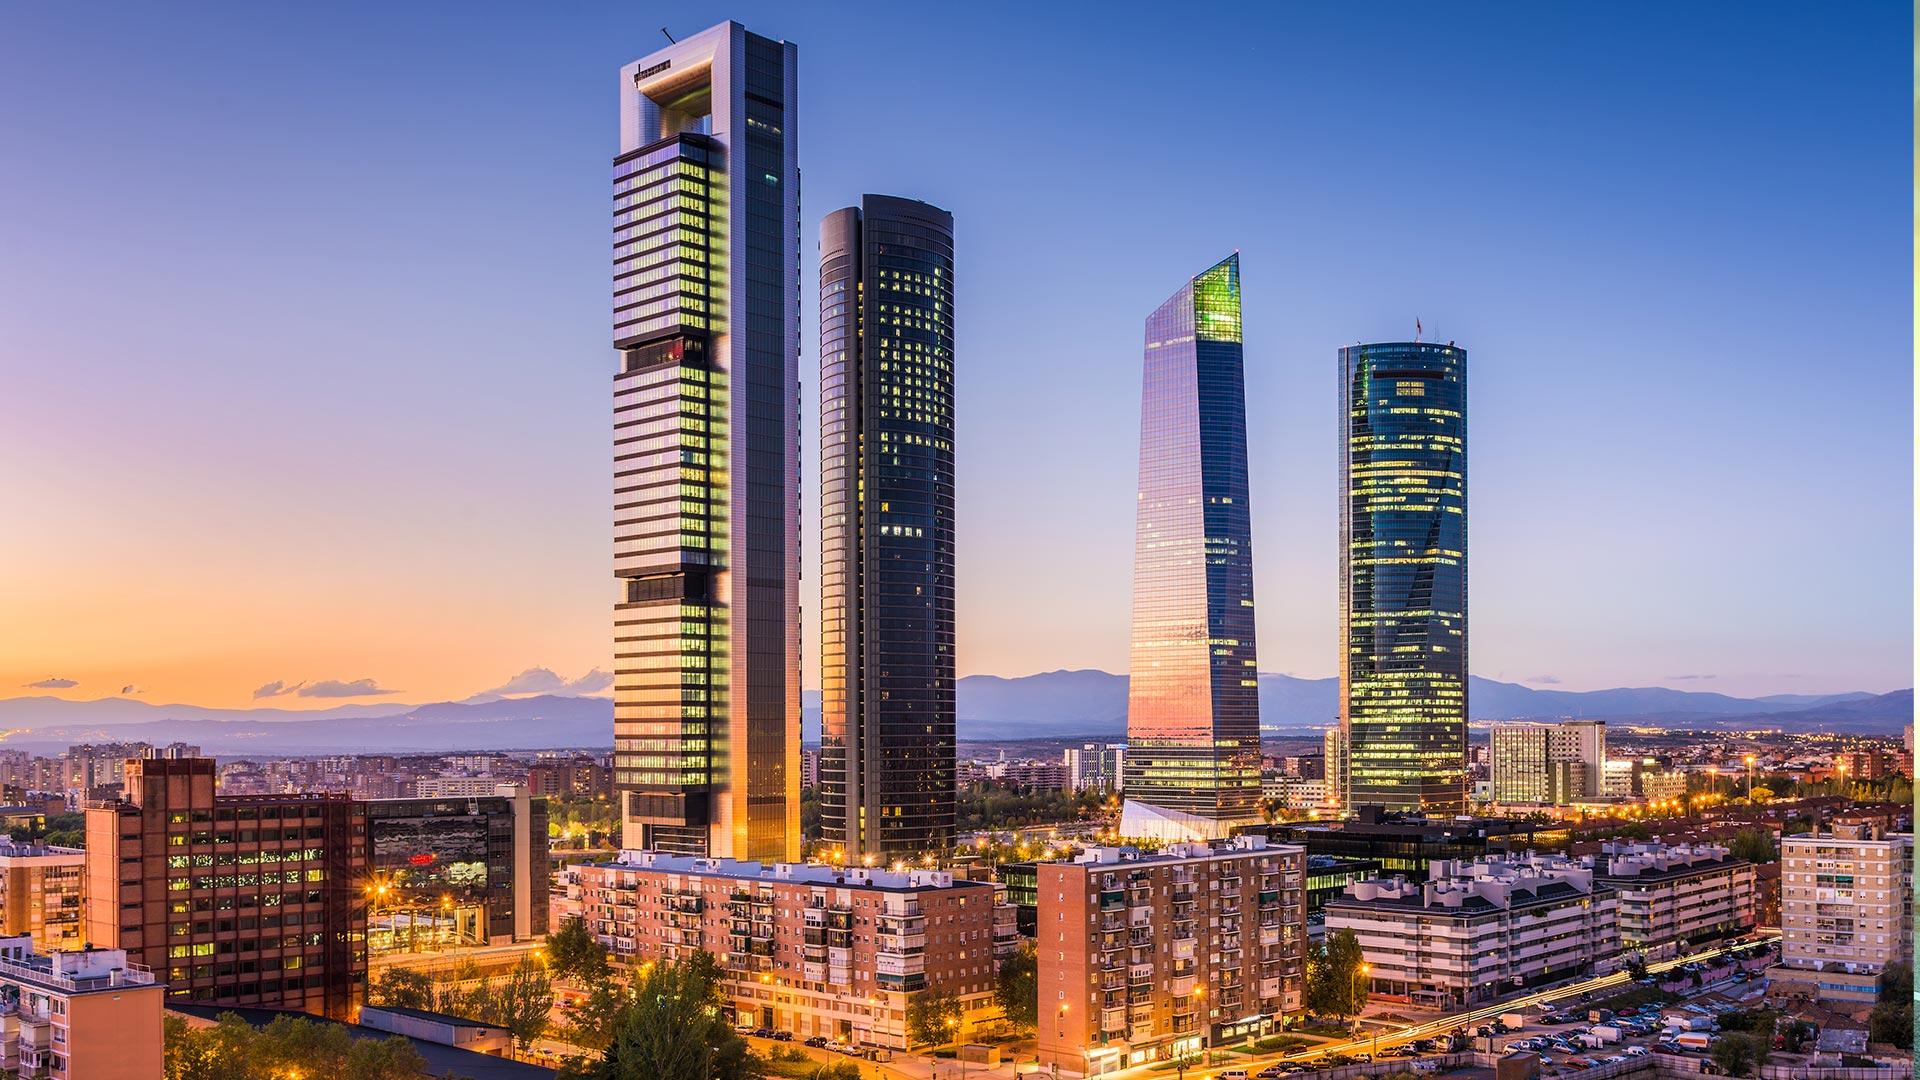 Madrid - FOTOS y VÍDEOS 360 para descargar - Descargas360.com